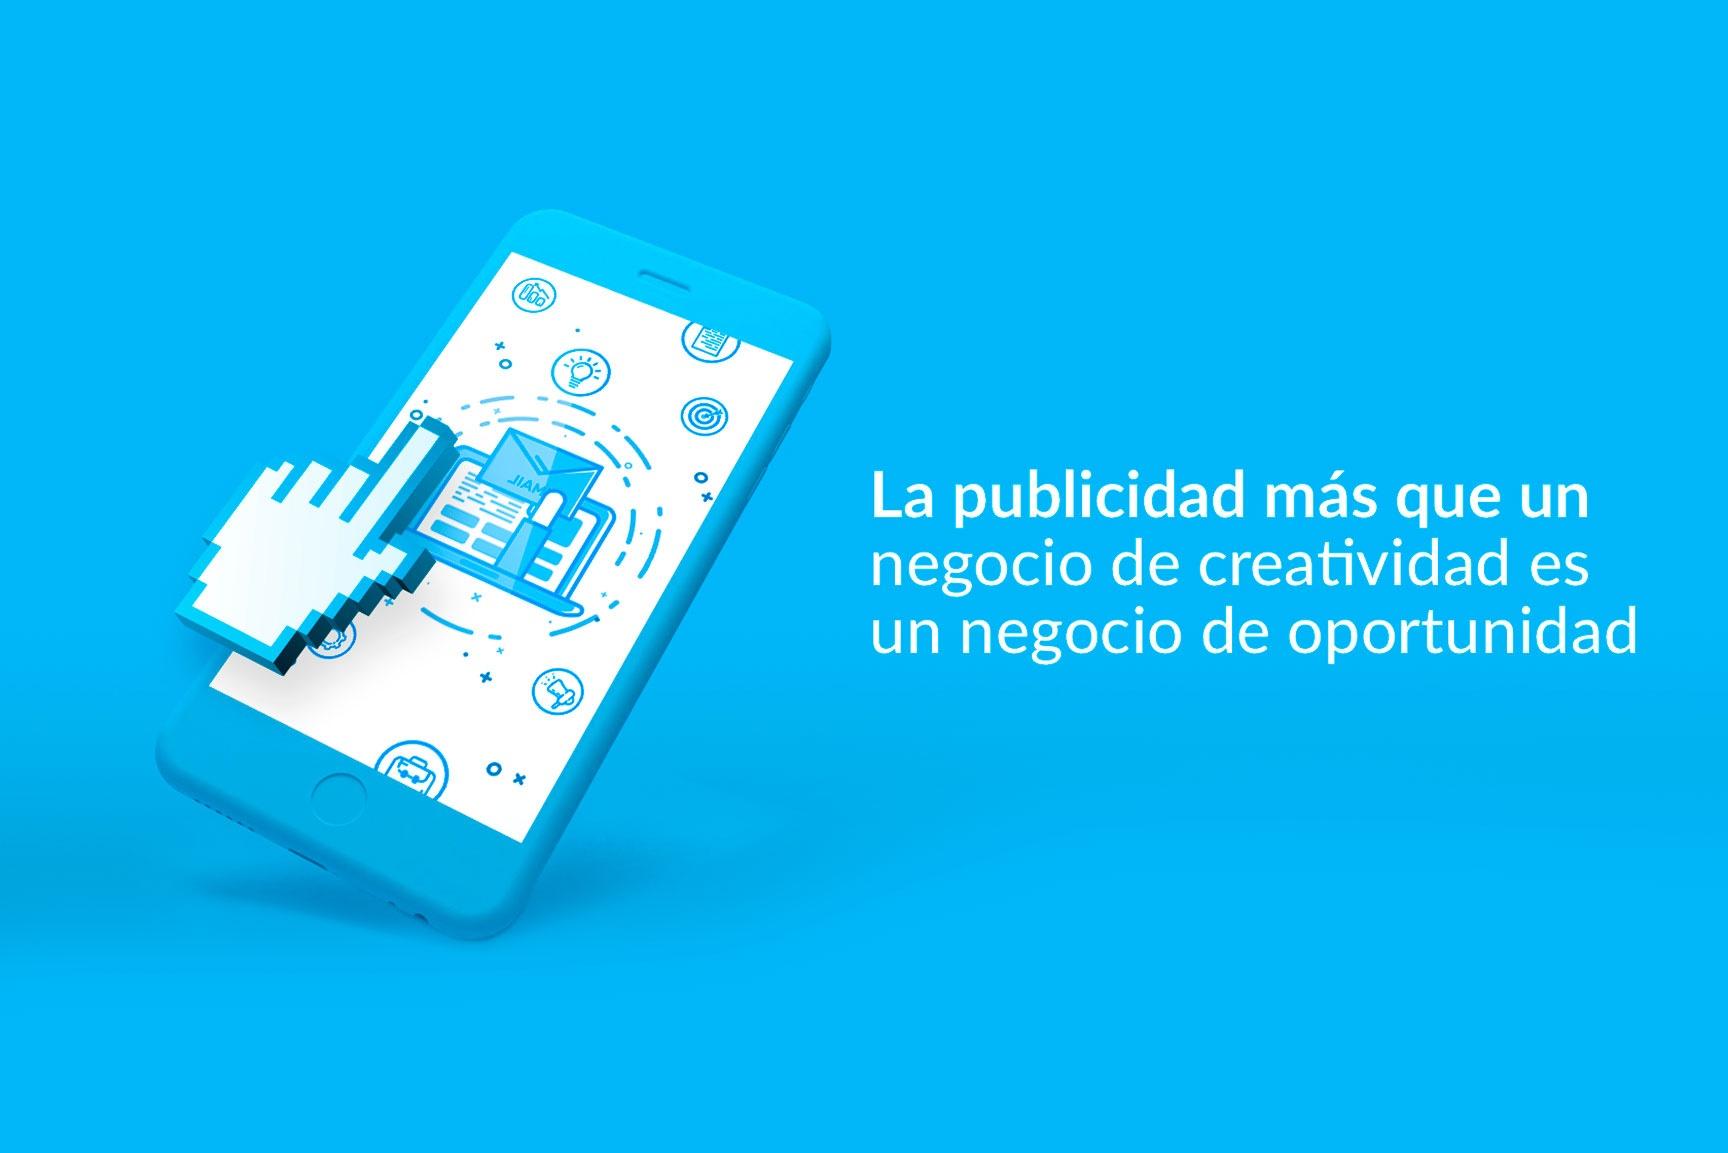 h_la_publicidad_mas_que_un_negocio_de_creatividad_es_un_negocio_de_oportunidad-1.jpg